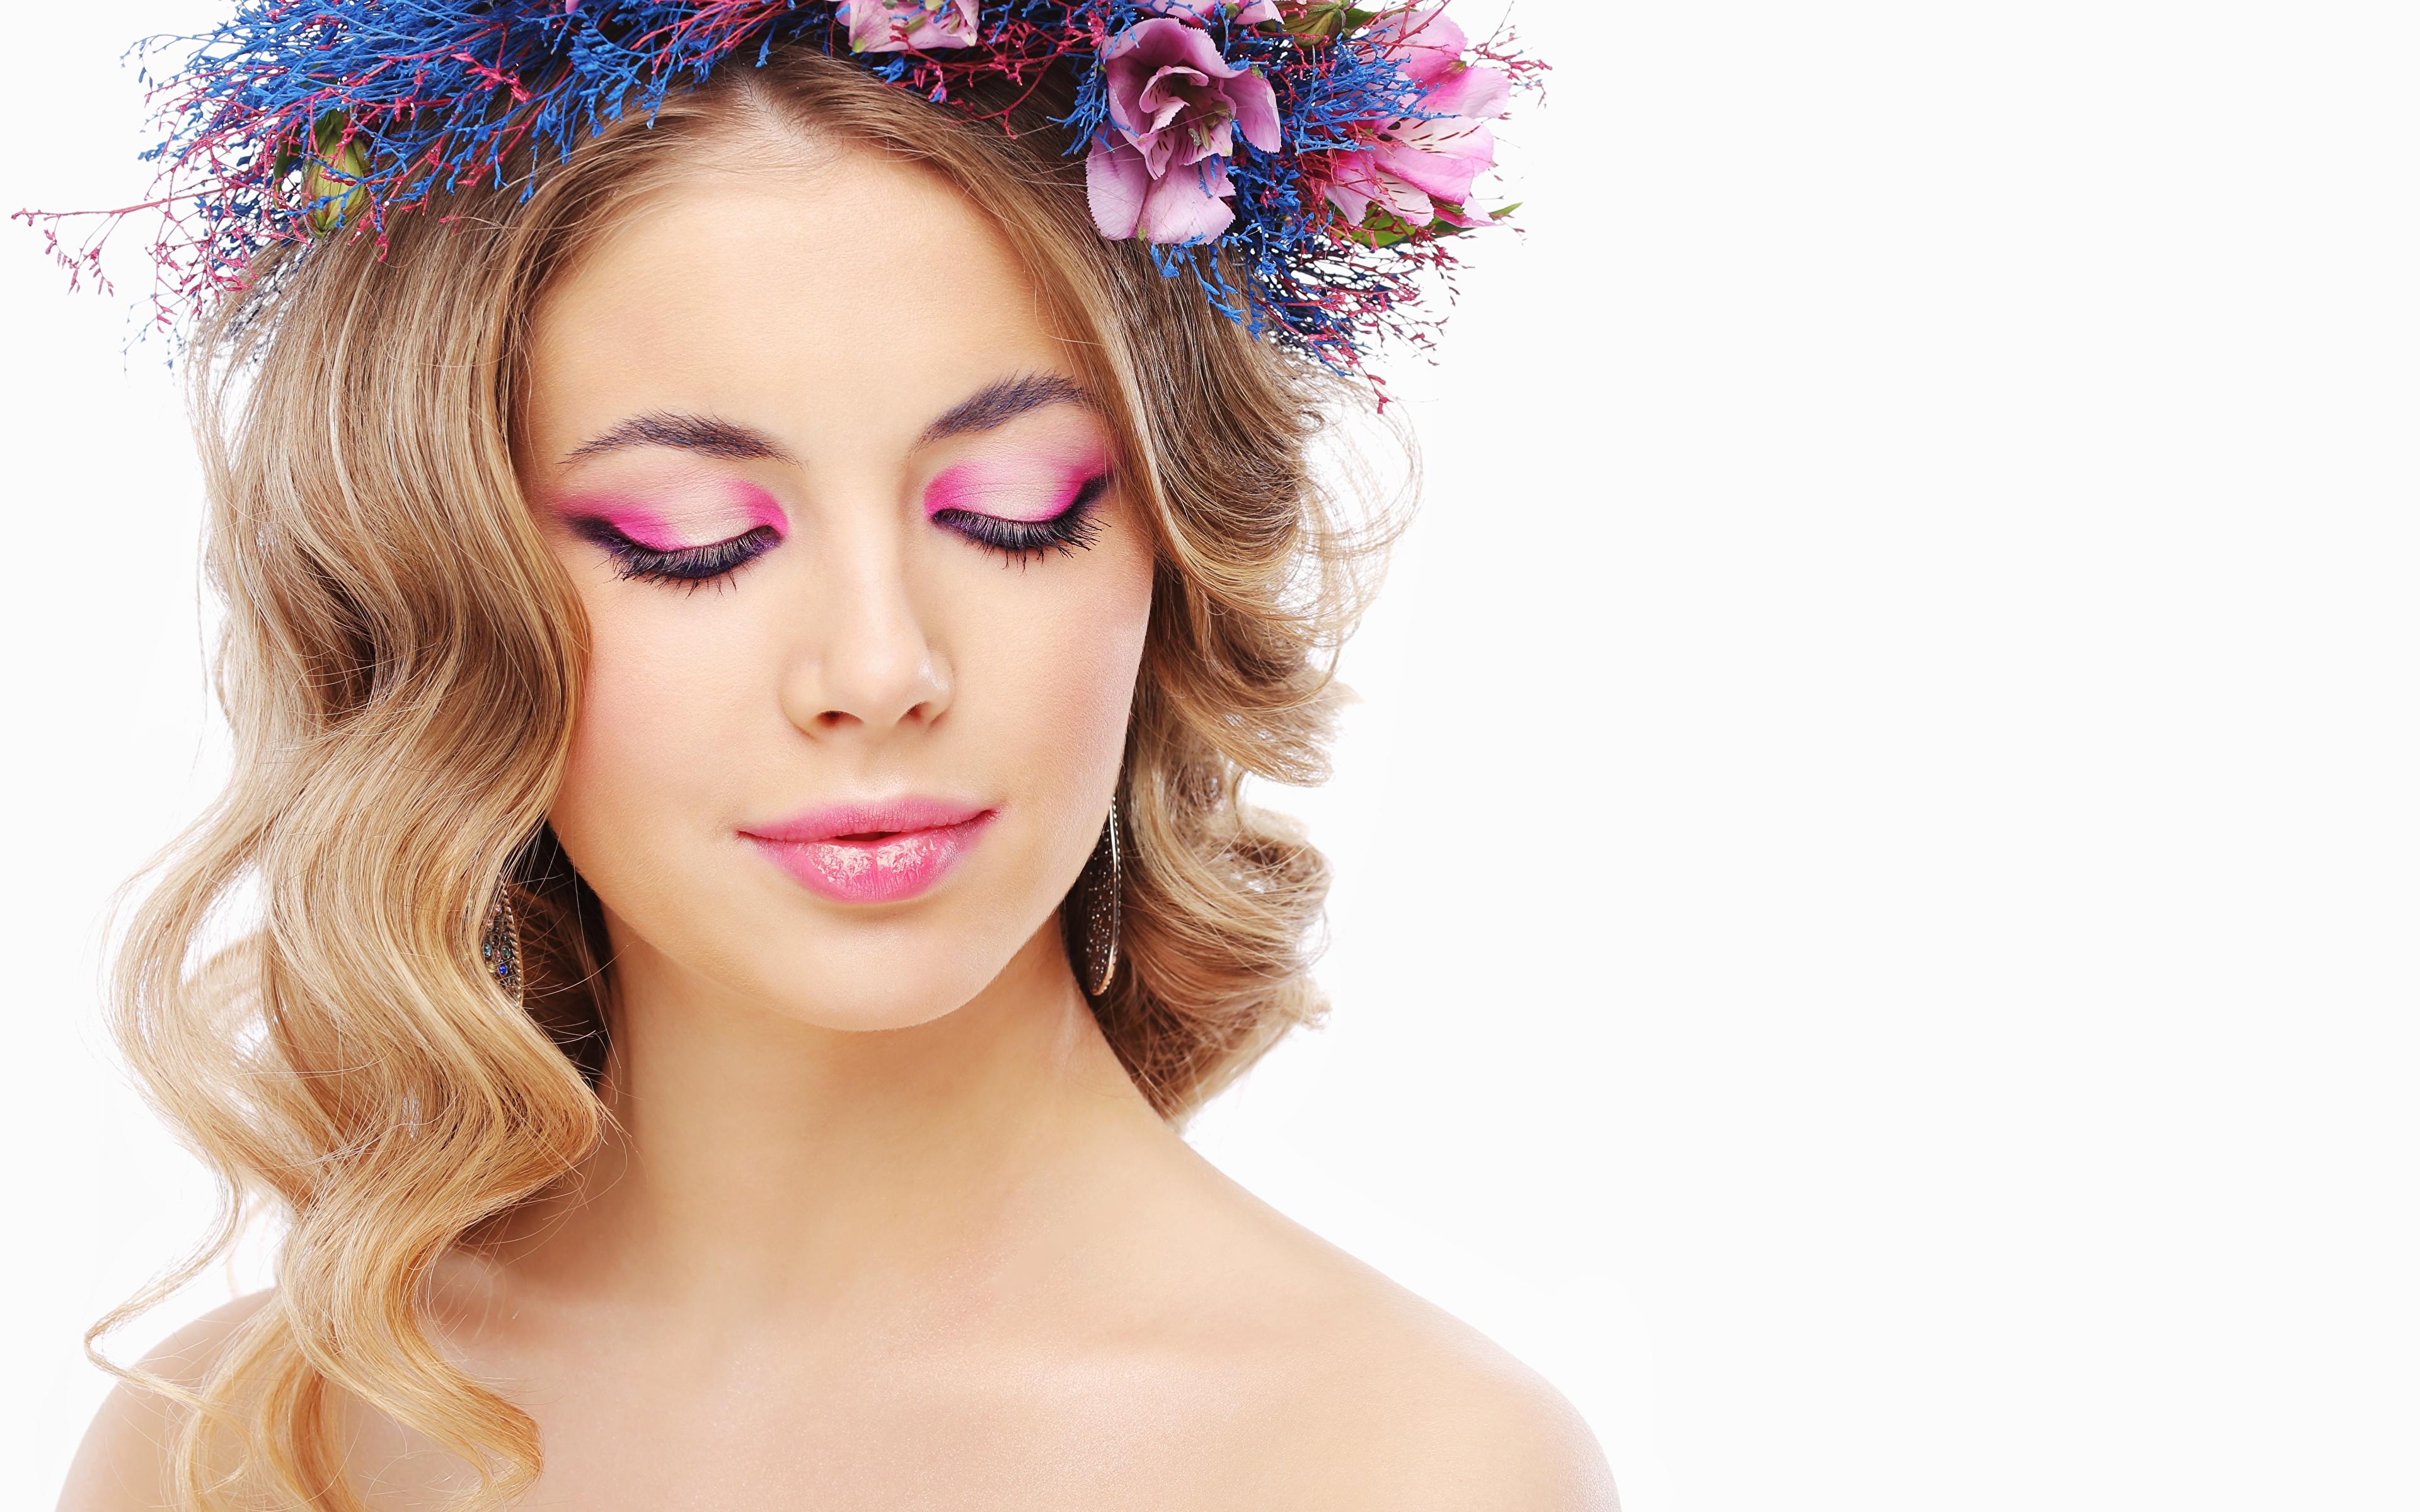 Bilder Model Schminke Schön Haar Kranz junge frau Weißer hintergrund 3840x2400 Make Up hübsch schöne hübsche schöner schönes hübscher Mädchens junge Frauen